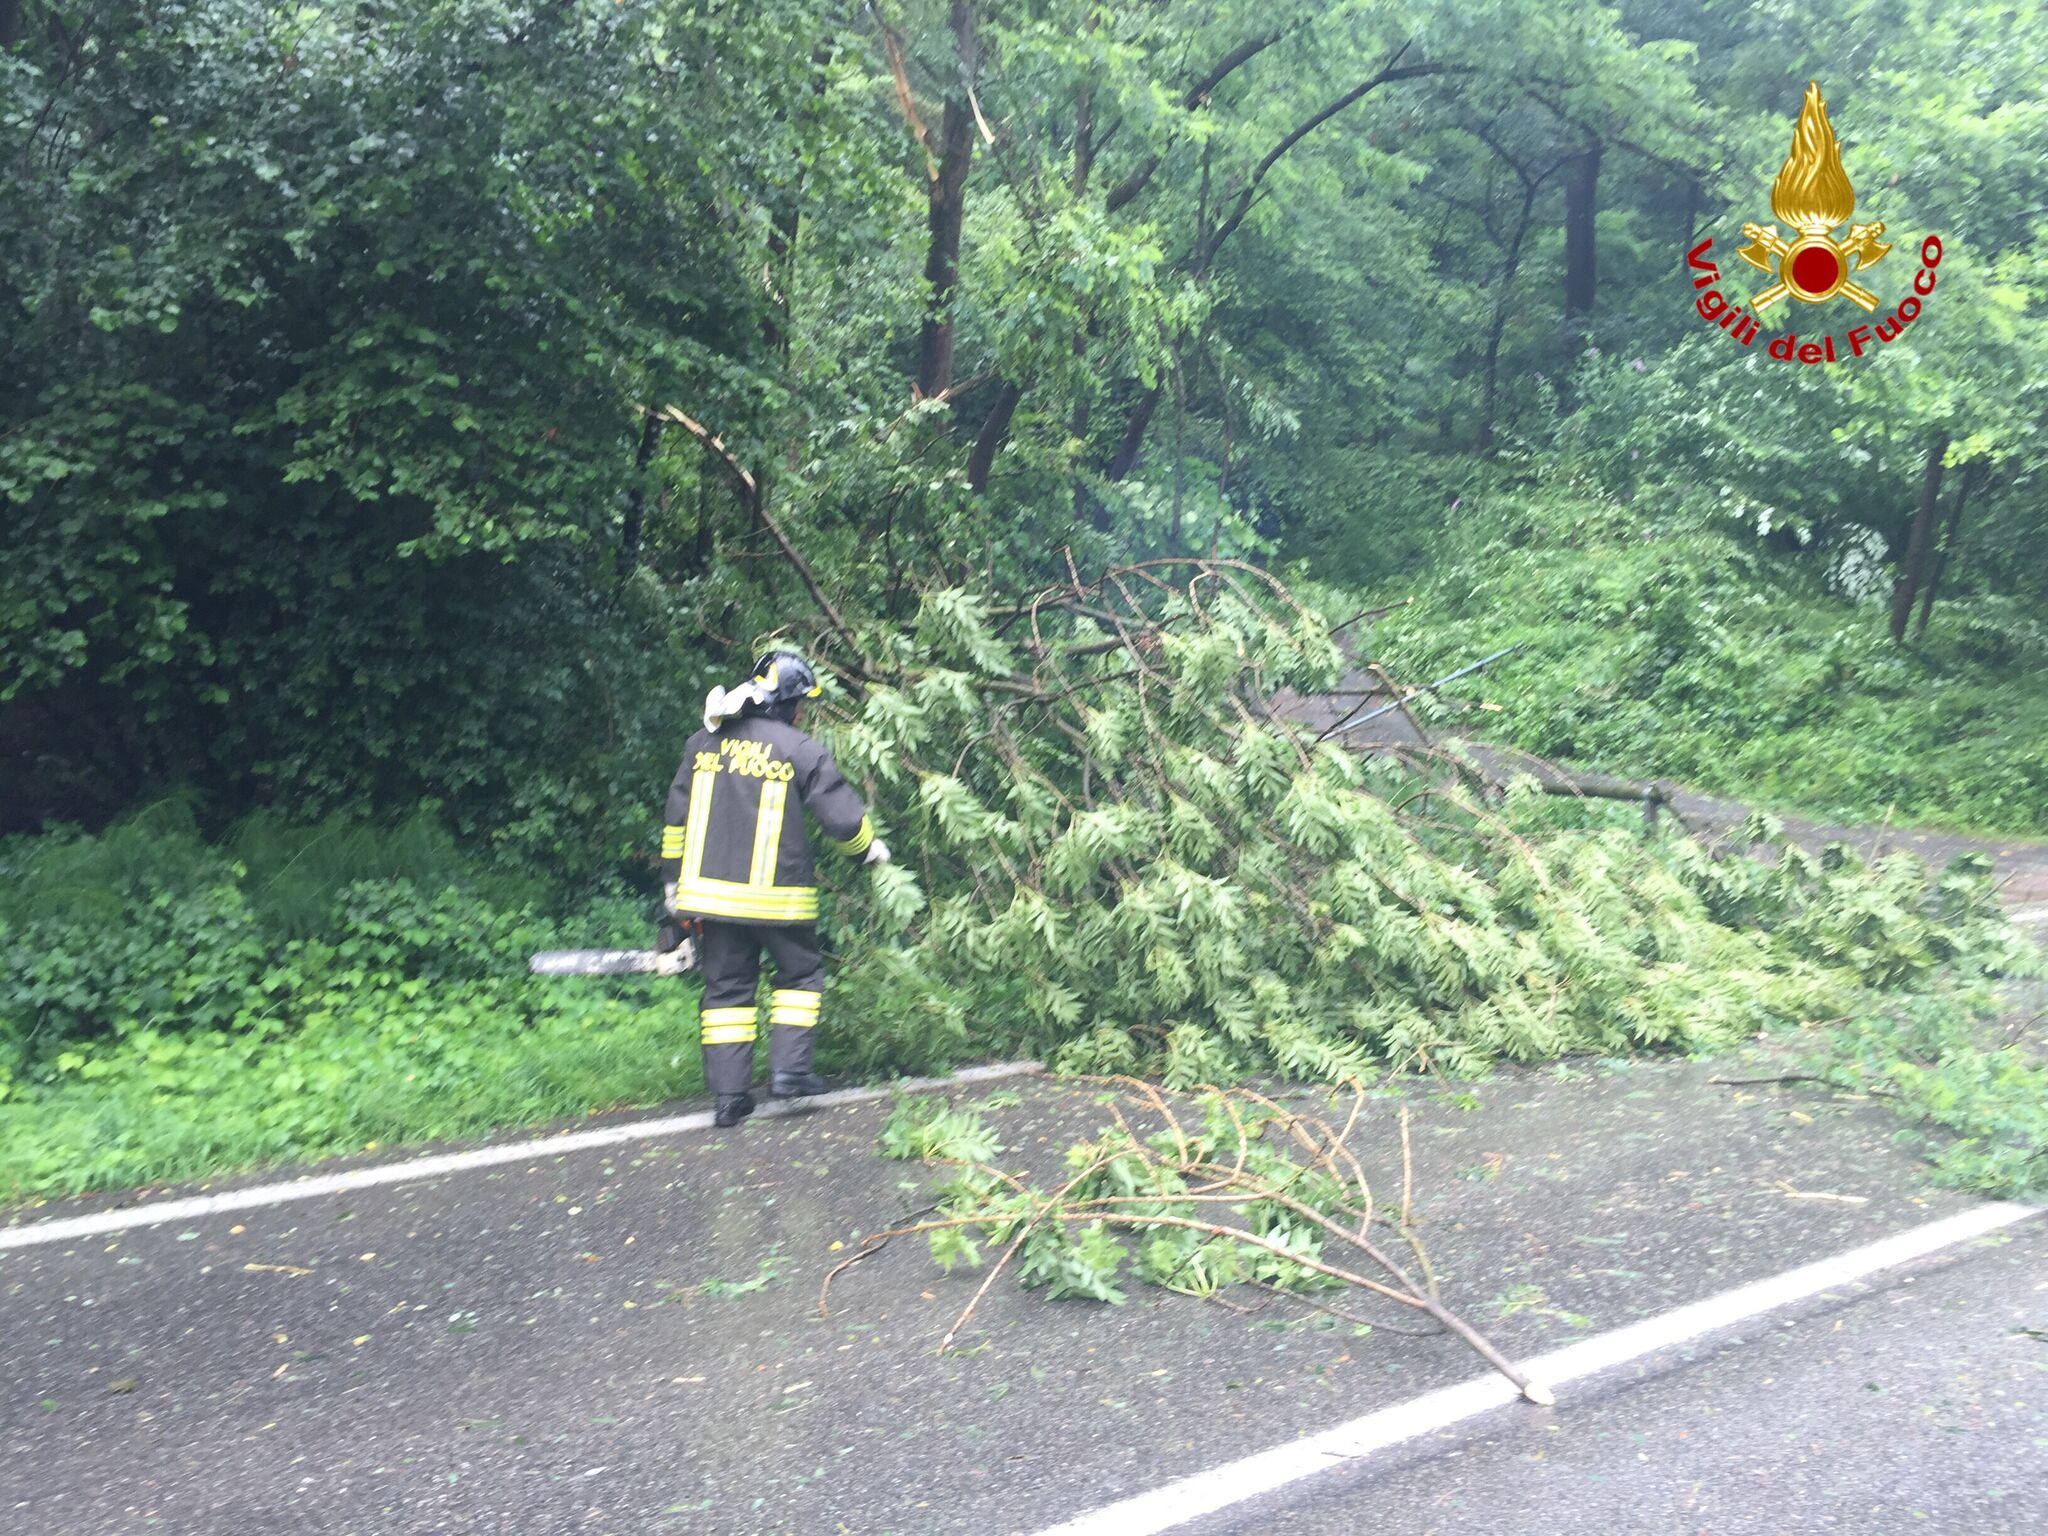 Maltempo, chiusa la strada tra Germignaga e Mesenzana. Sul posto i tecnici ANAS e i Vigili del Fuoco